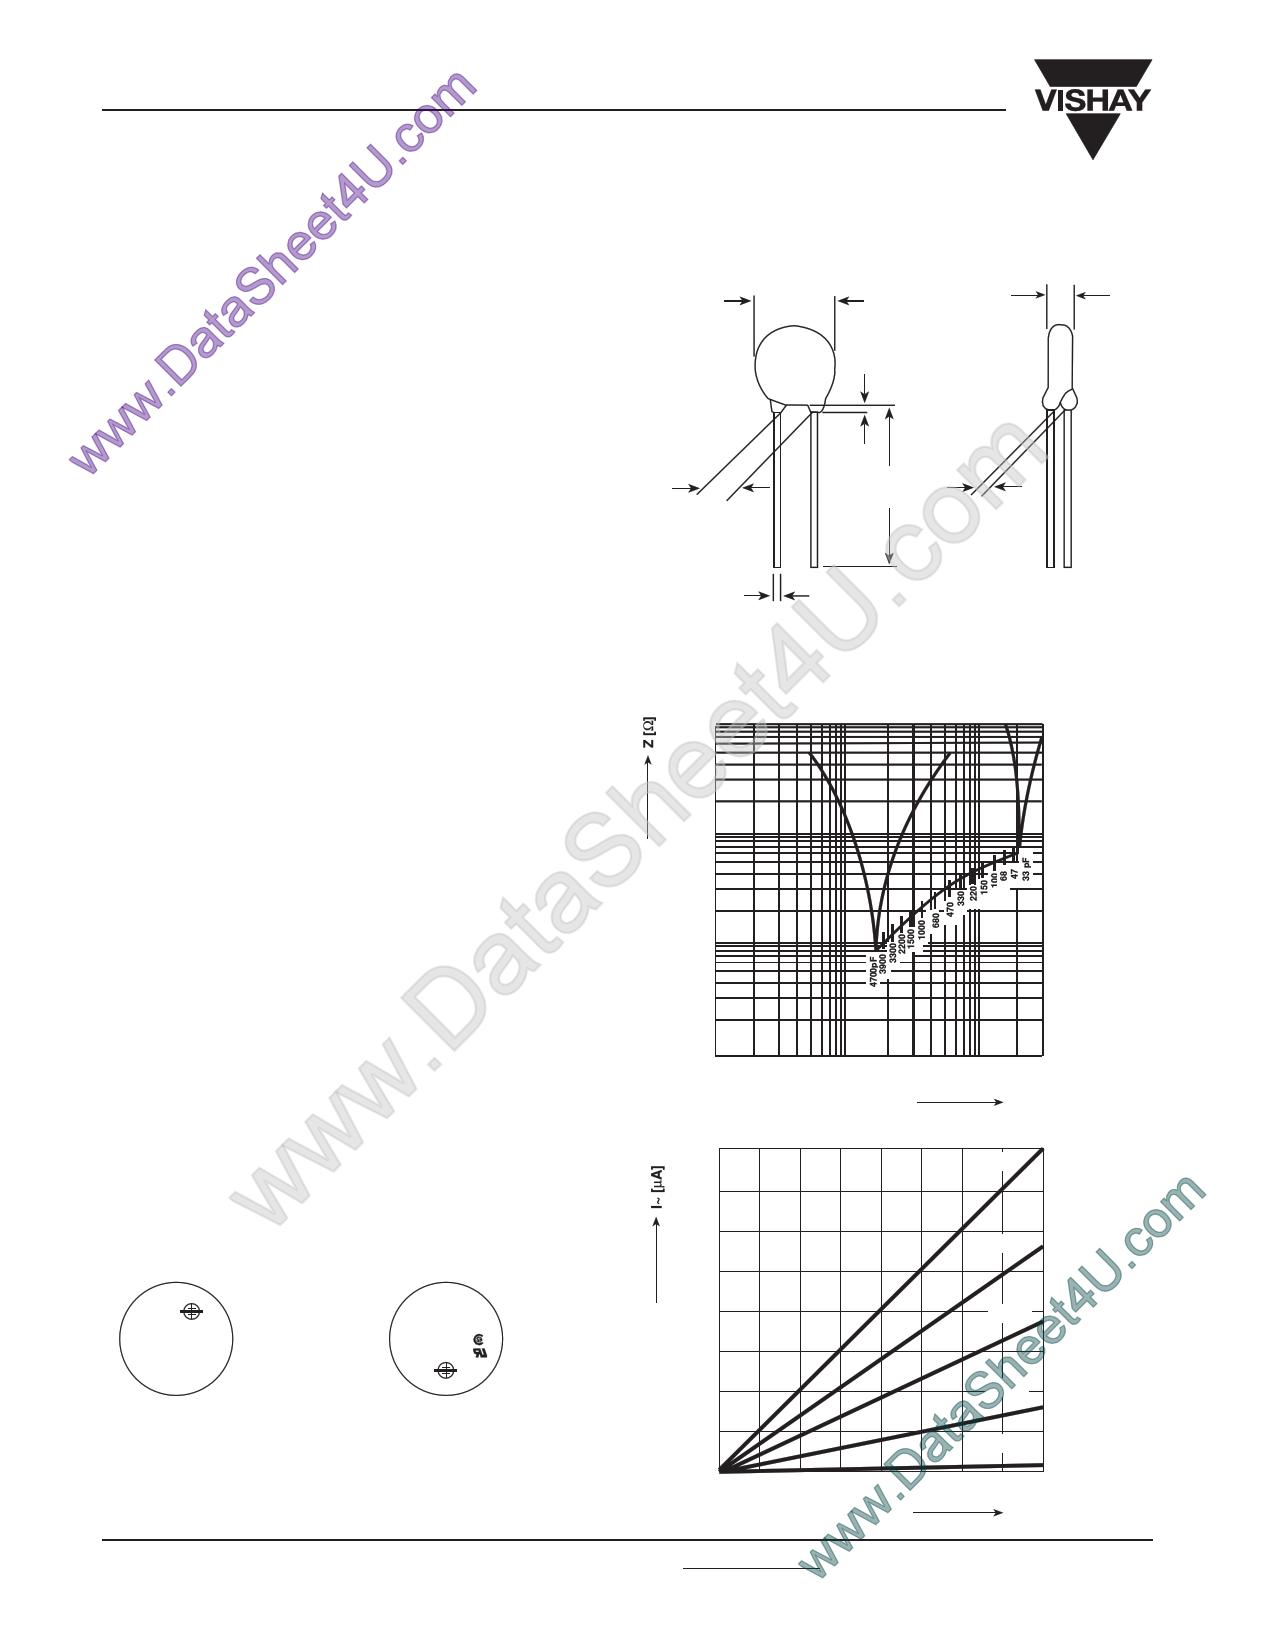 WKO331xCPxxx دیتاشیت PDF